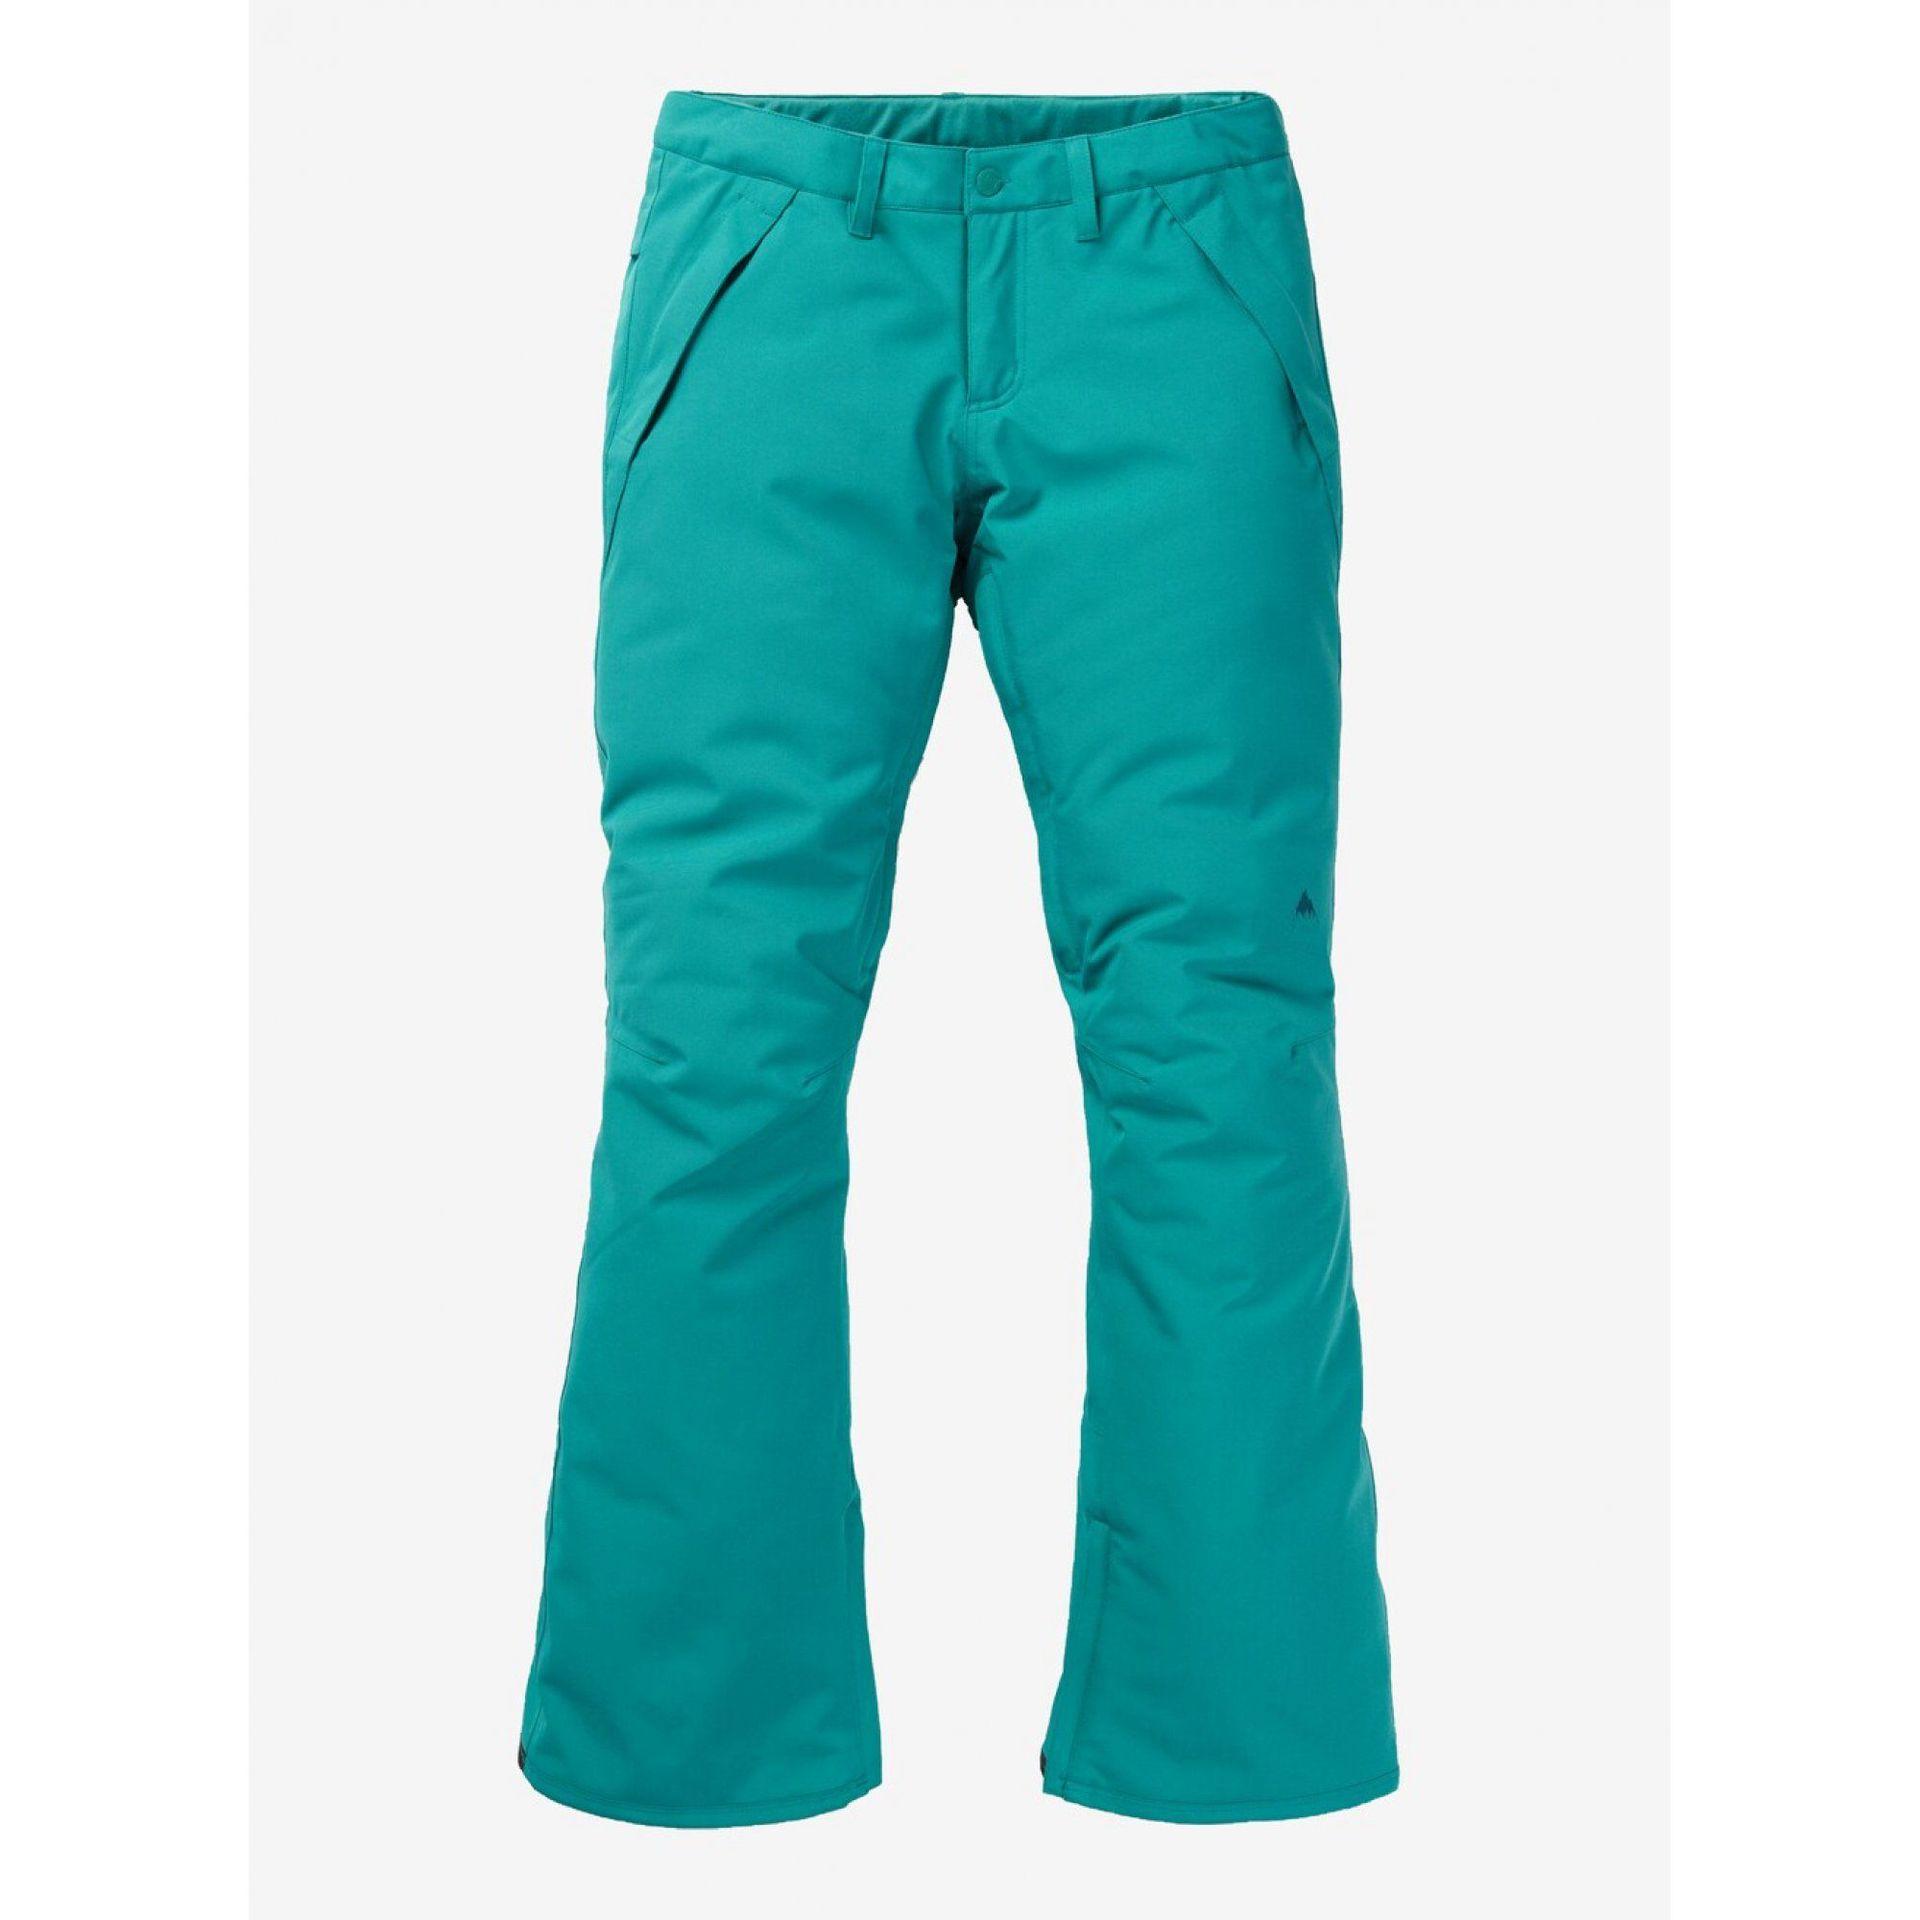 SPODNIE BURTON SOCIETY GREEN BLUE SLATE 101001 400 1